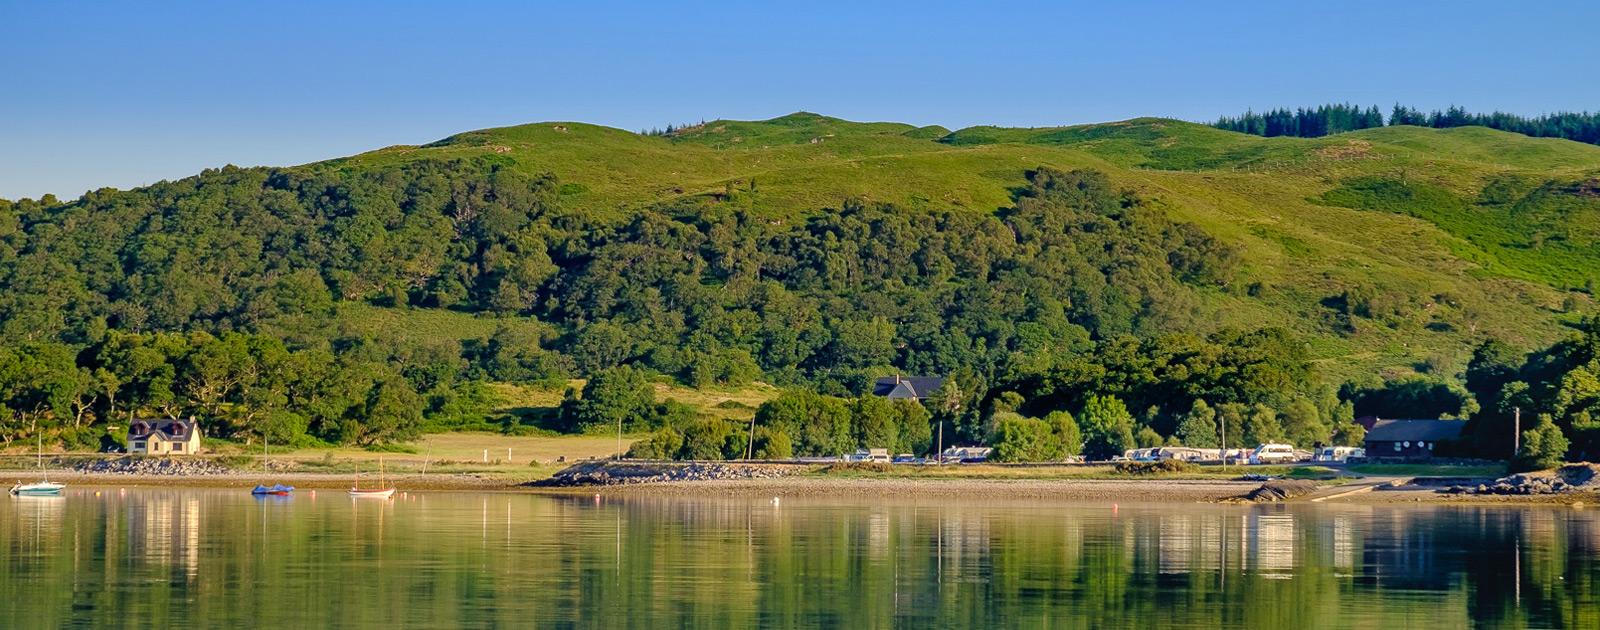 Resipole from Loch Sunart